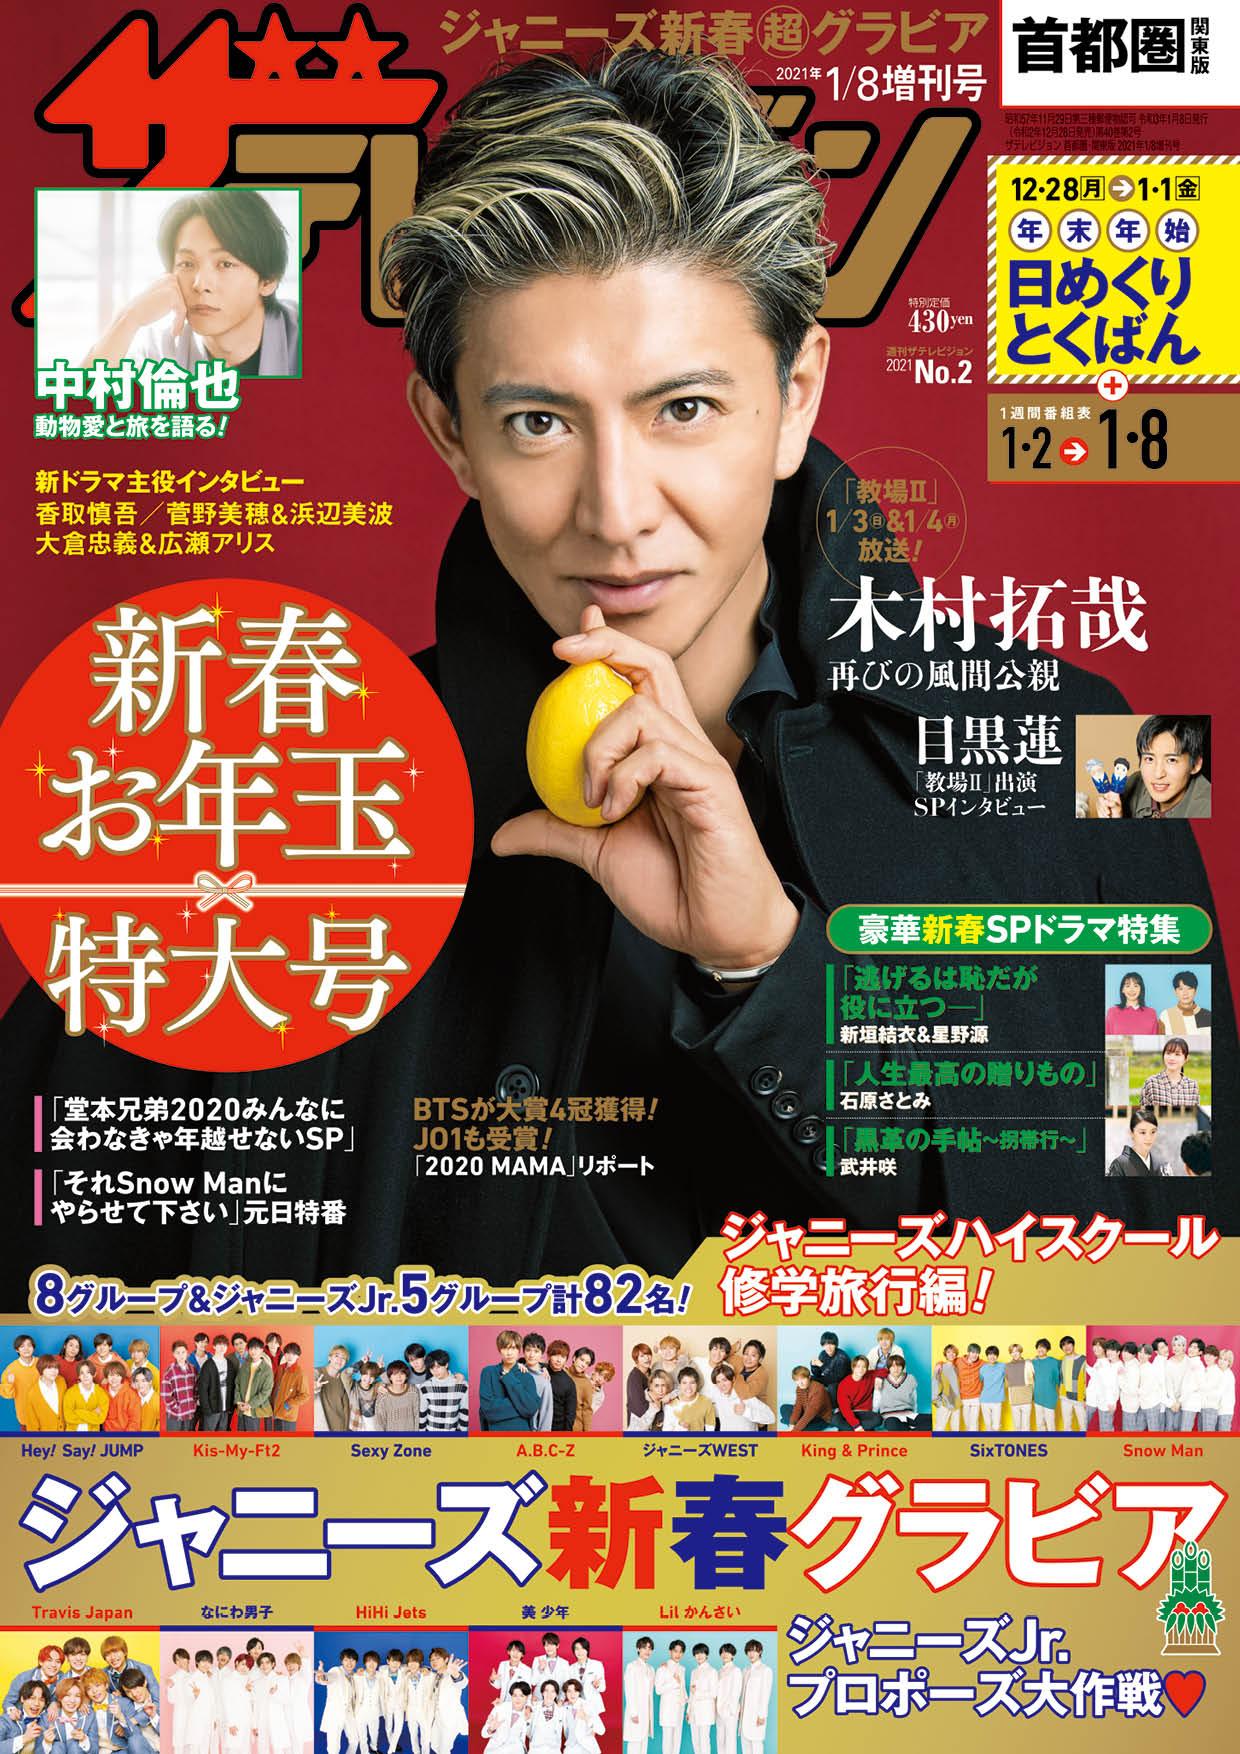 ザテレビジョン 首都圏関東版 2021年1/8増刊号 430円